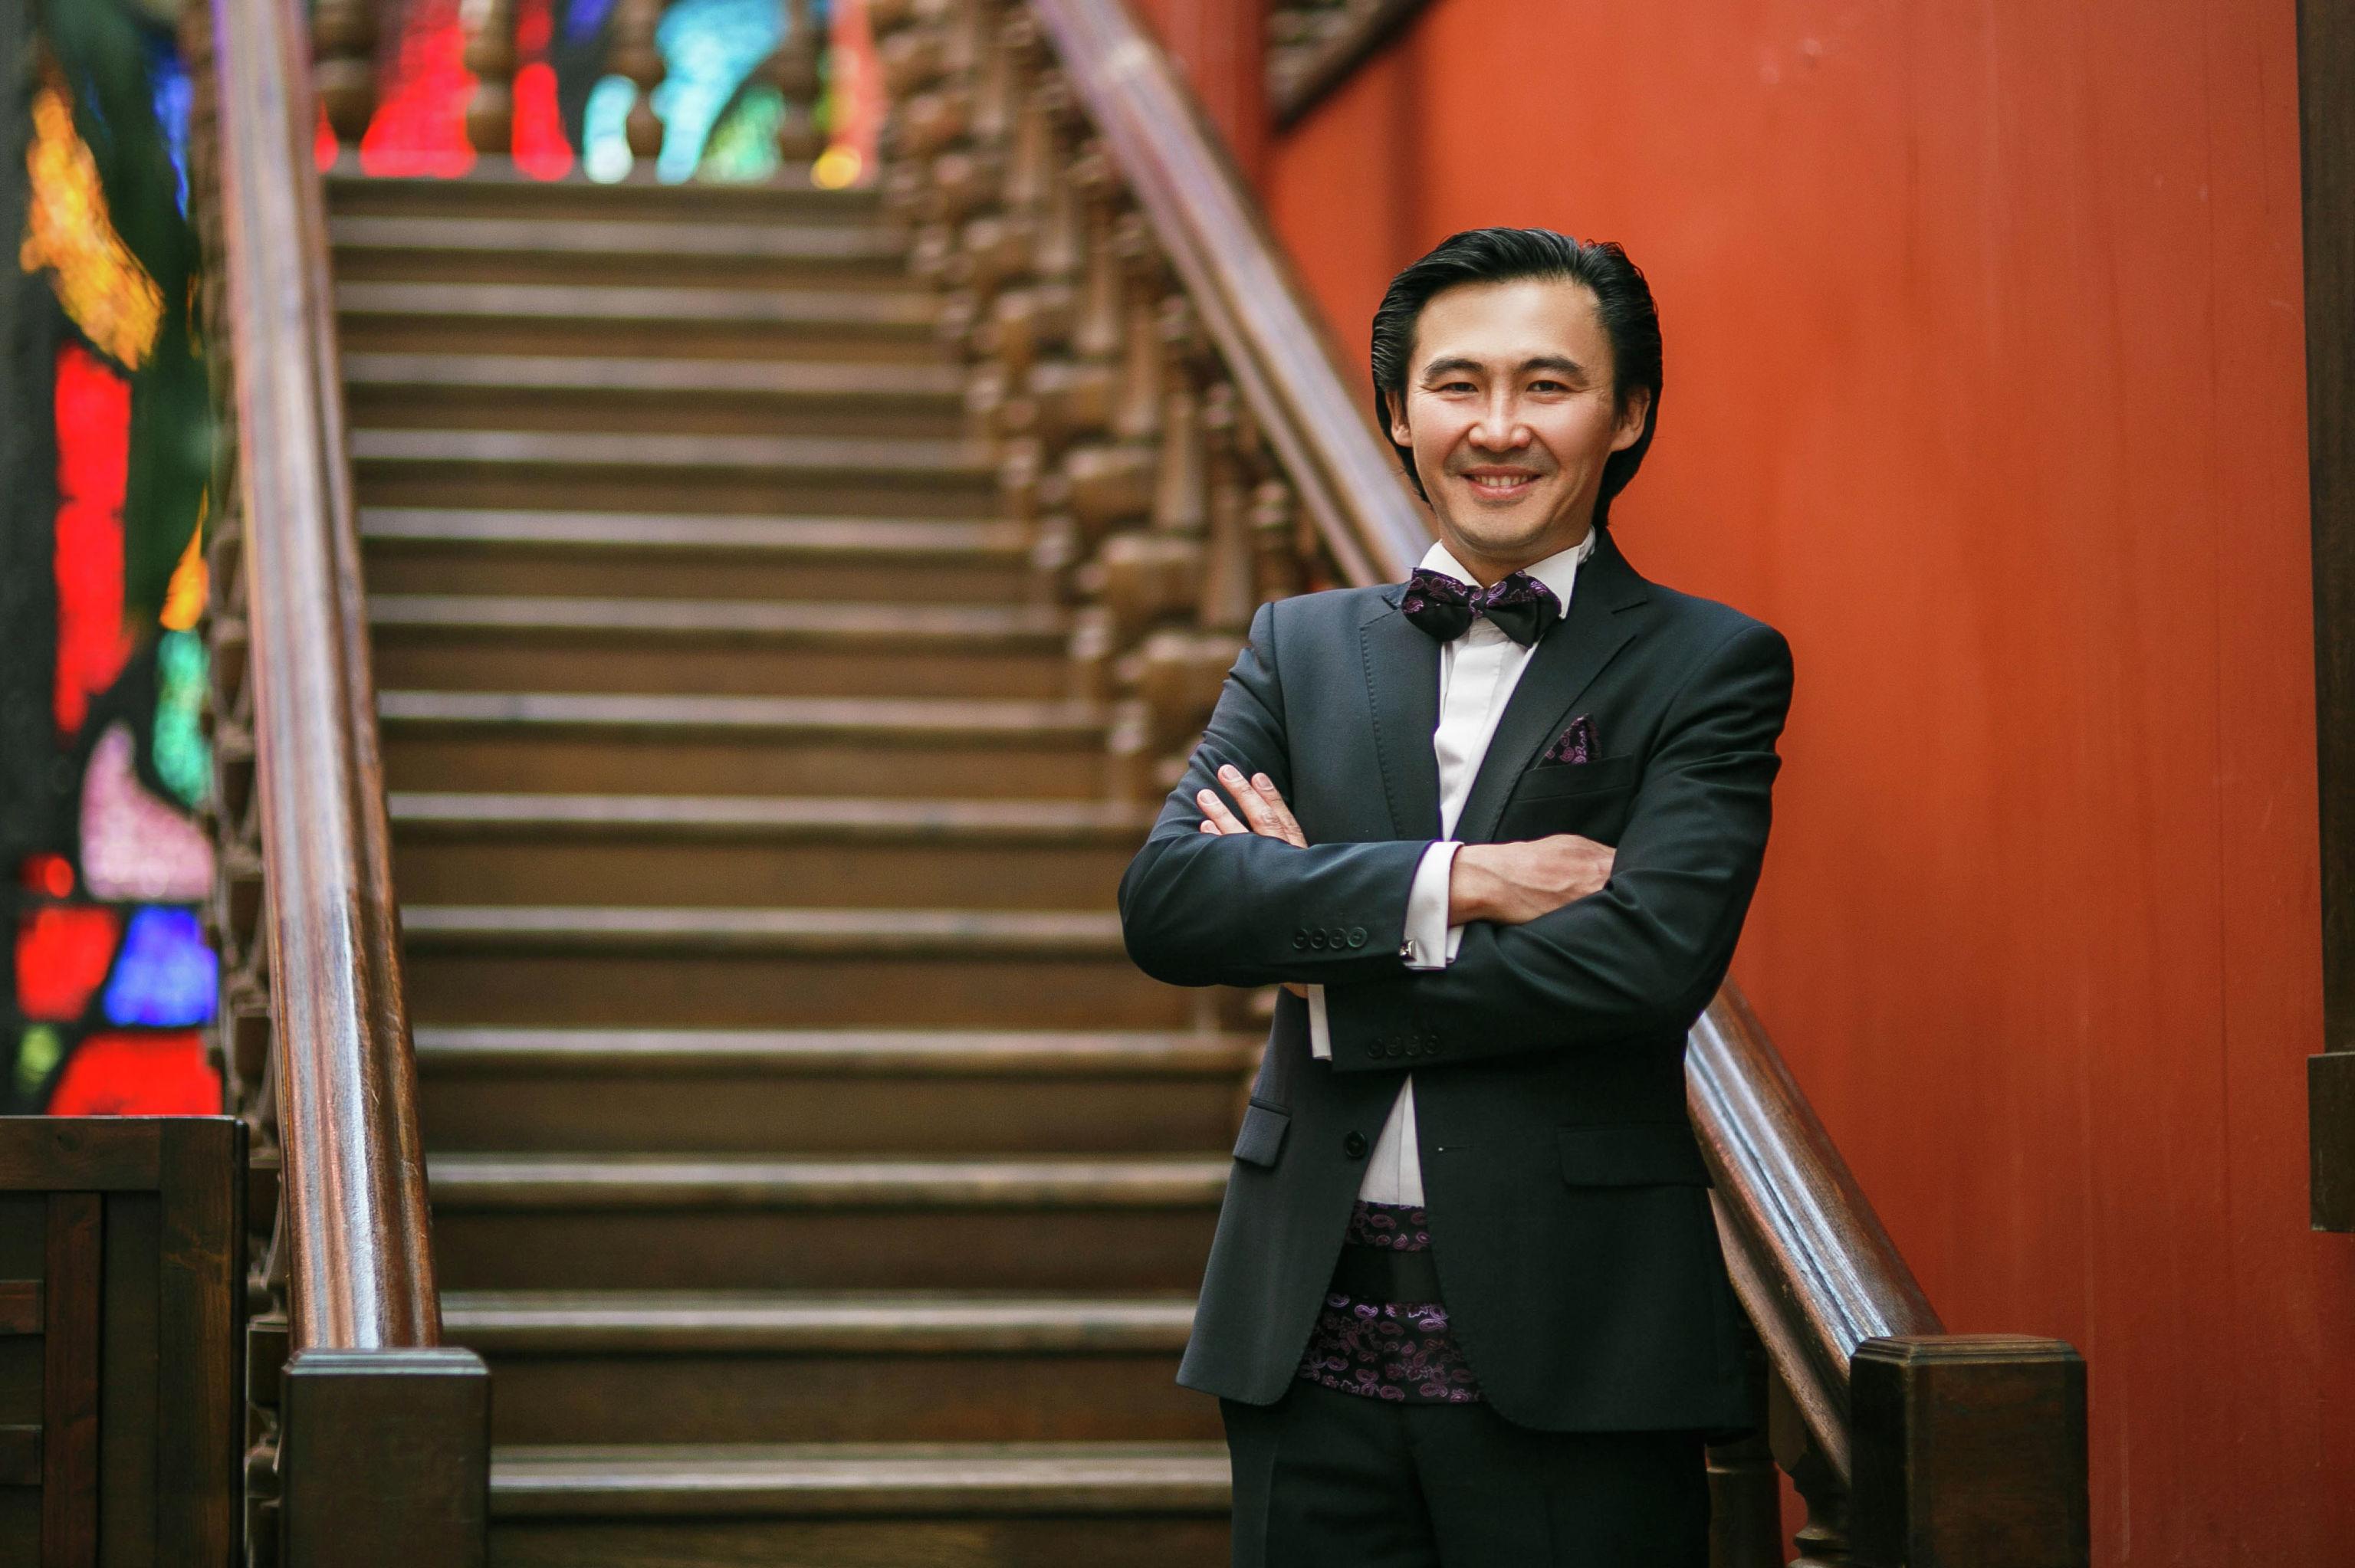 Пианист, ведущий и конферансье Сардар Исмаилов во время ведения мероприятия